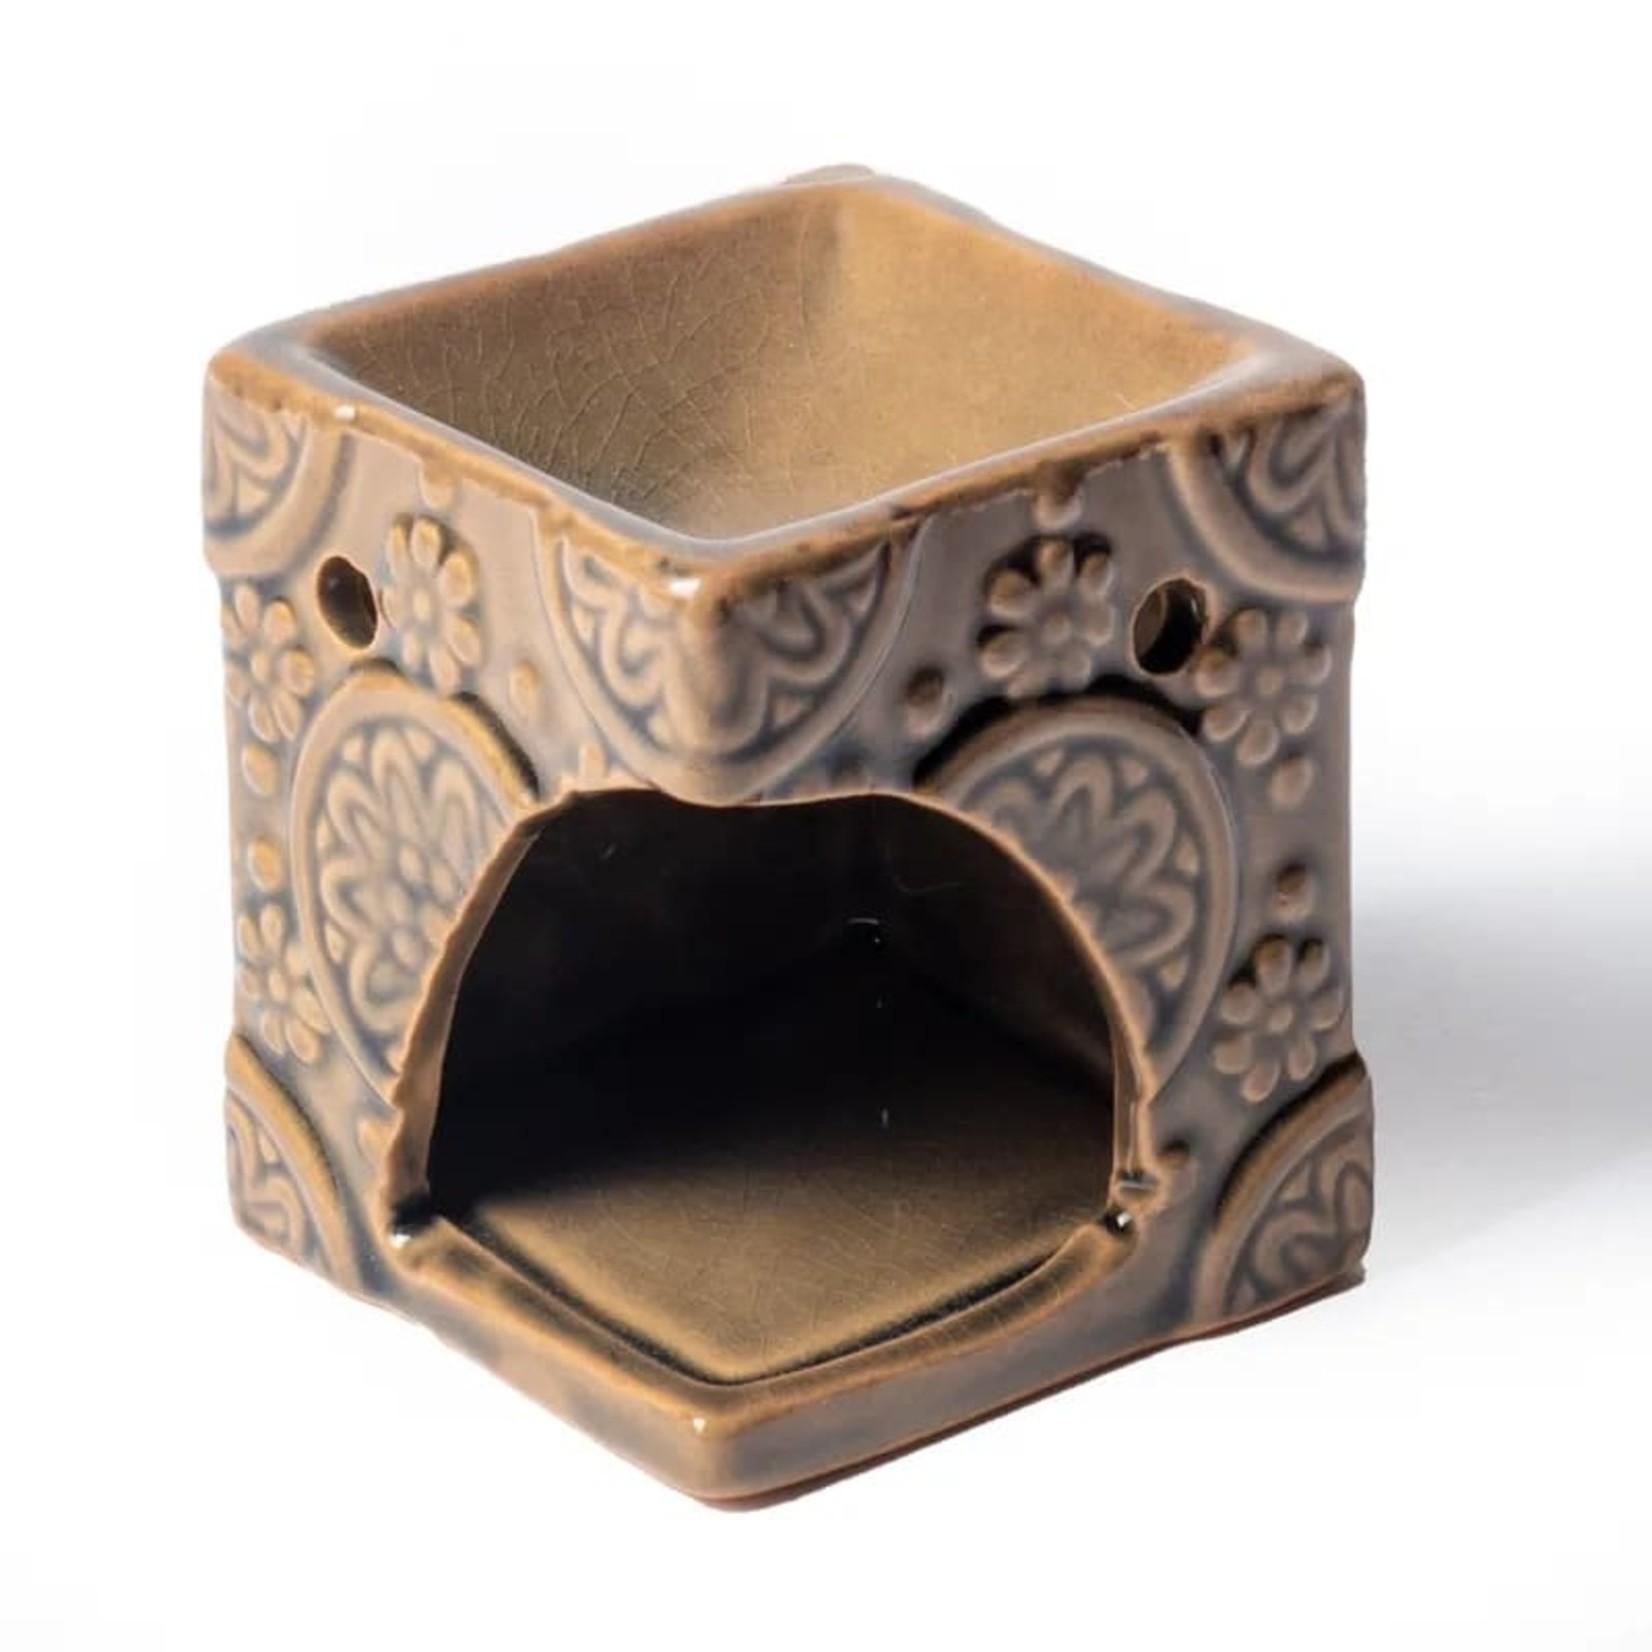 Aromabrander voor wax melts - keramisch met bloemen - beige/bruin